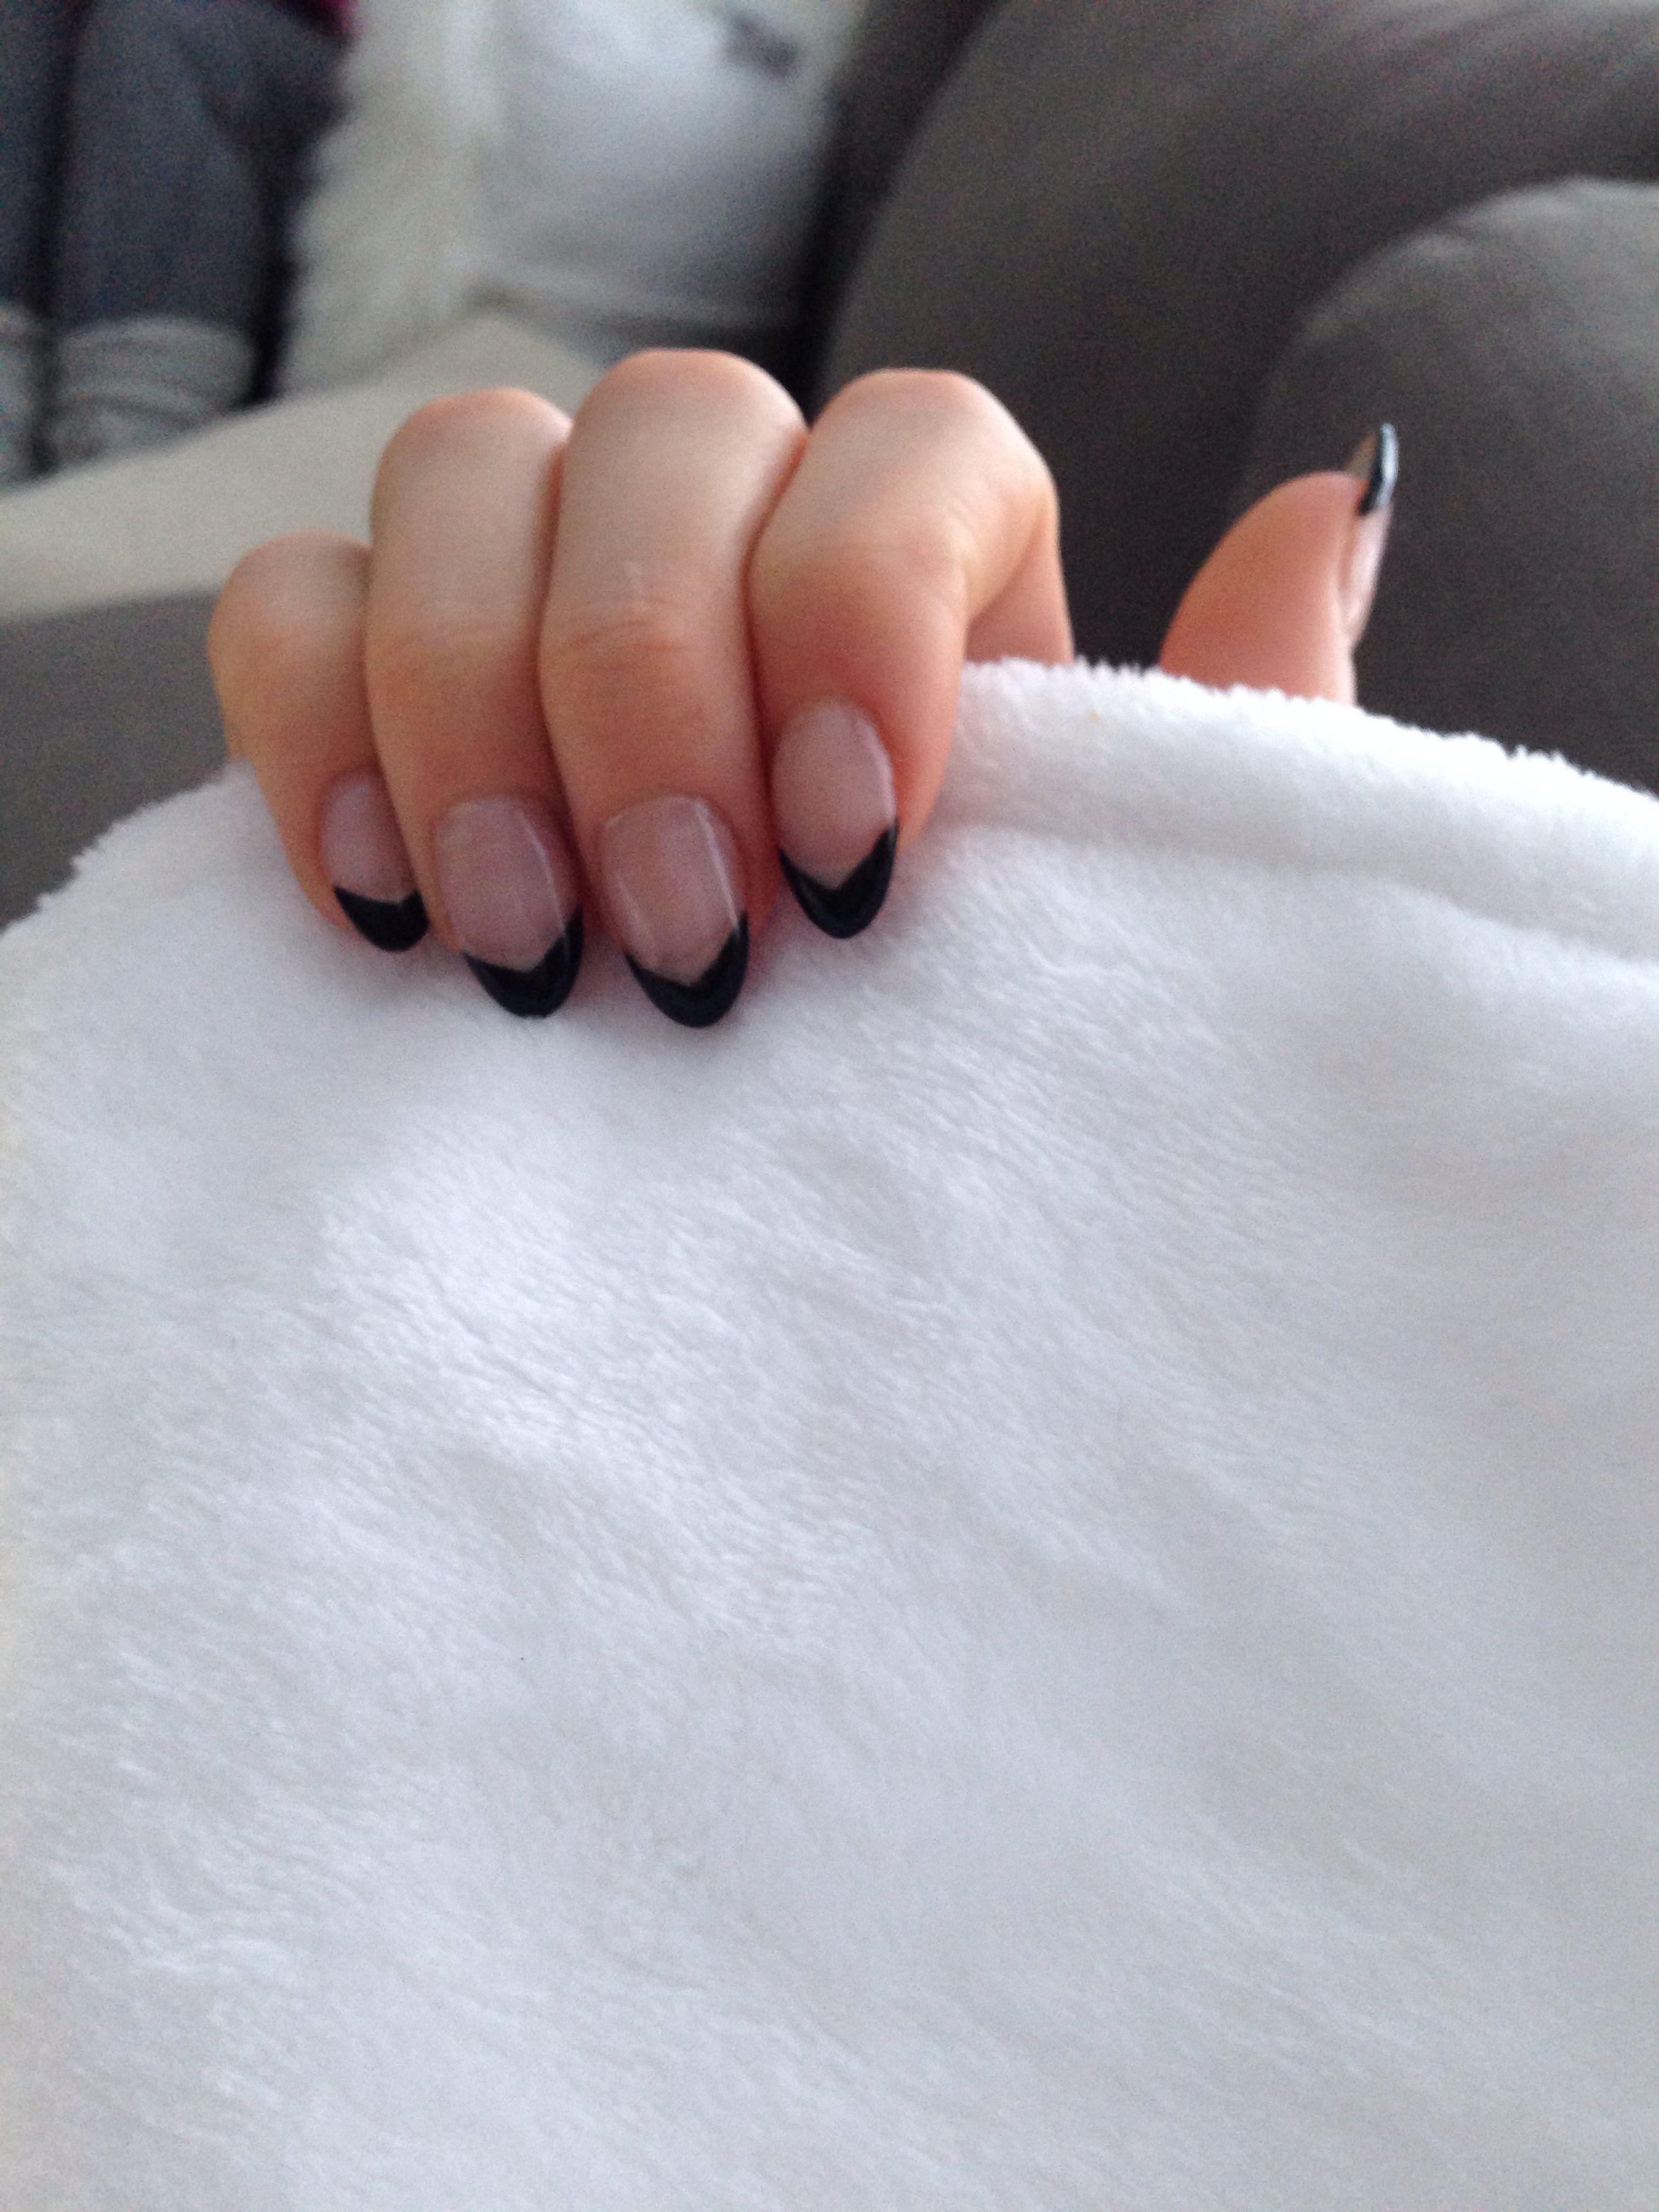 Pin By Rachel Van Haselen On Nails Trendy Nails Nail Tips Nails